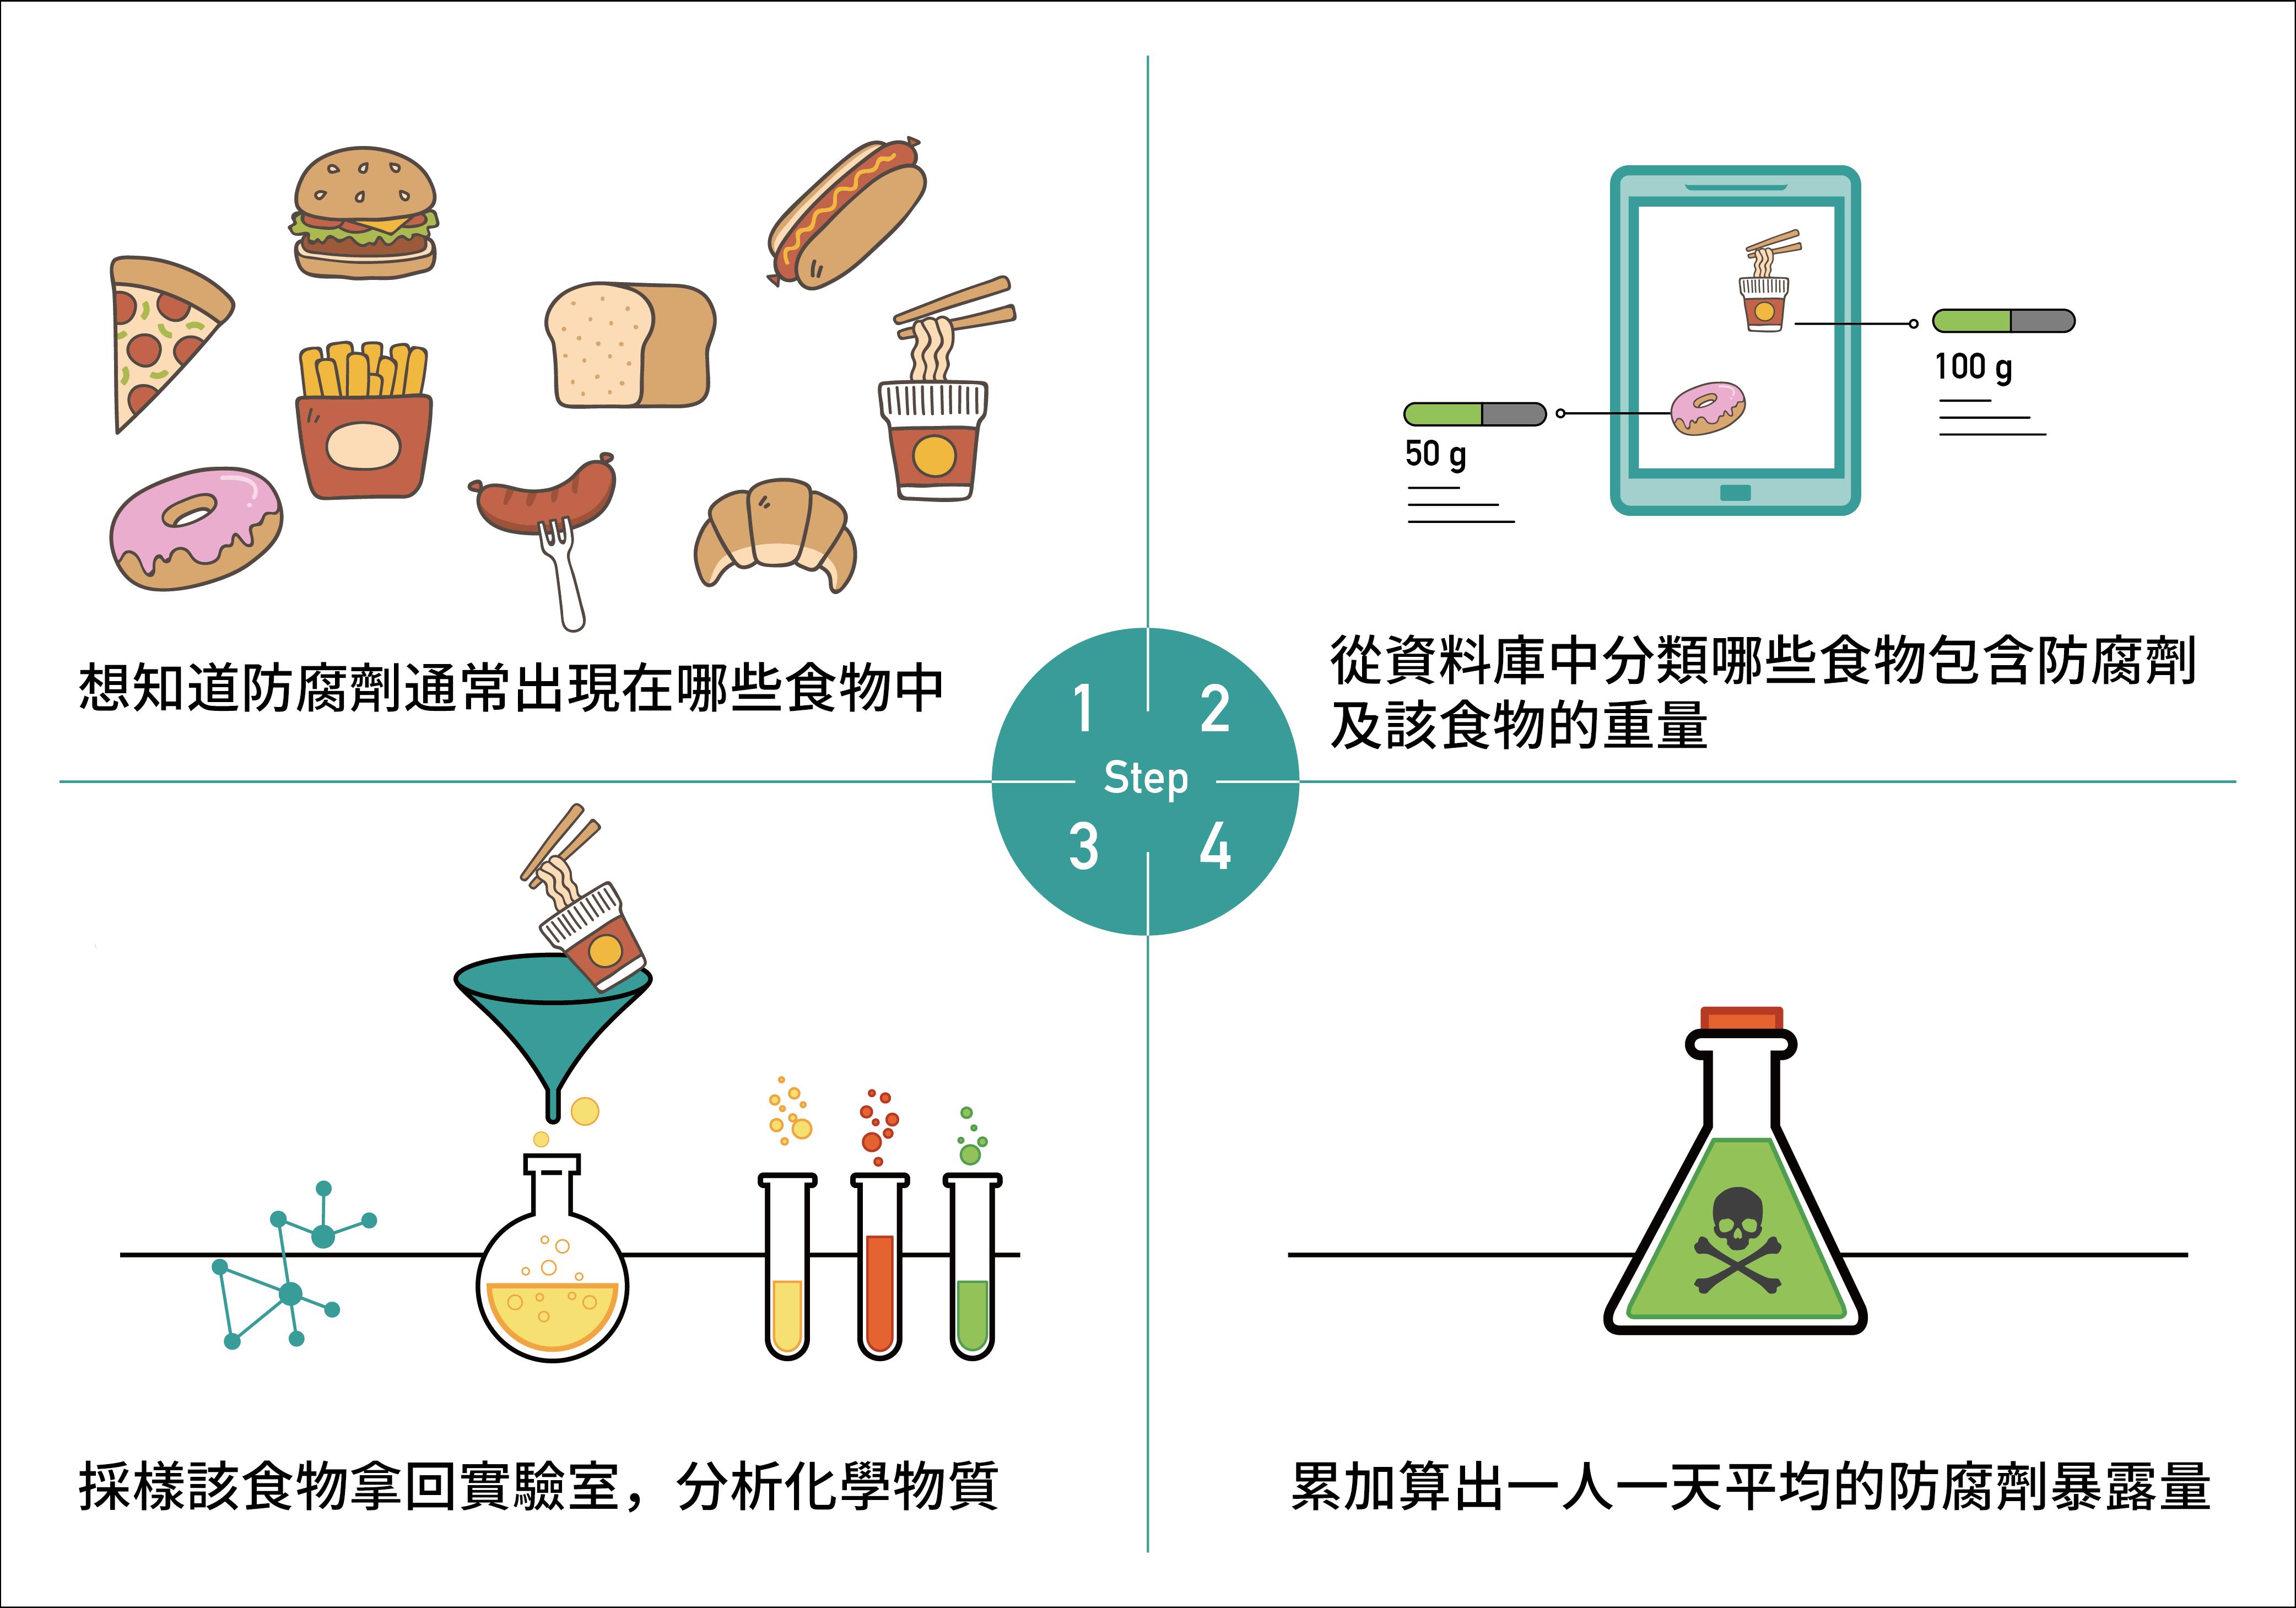 國家攝食資料庫如何幫助毒物學家調查食安:以防腐劑為例 圖說設計│林婷嫻、張語辰